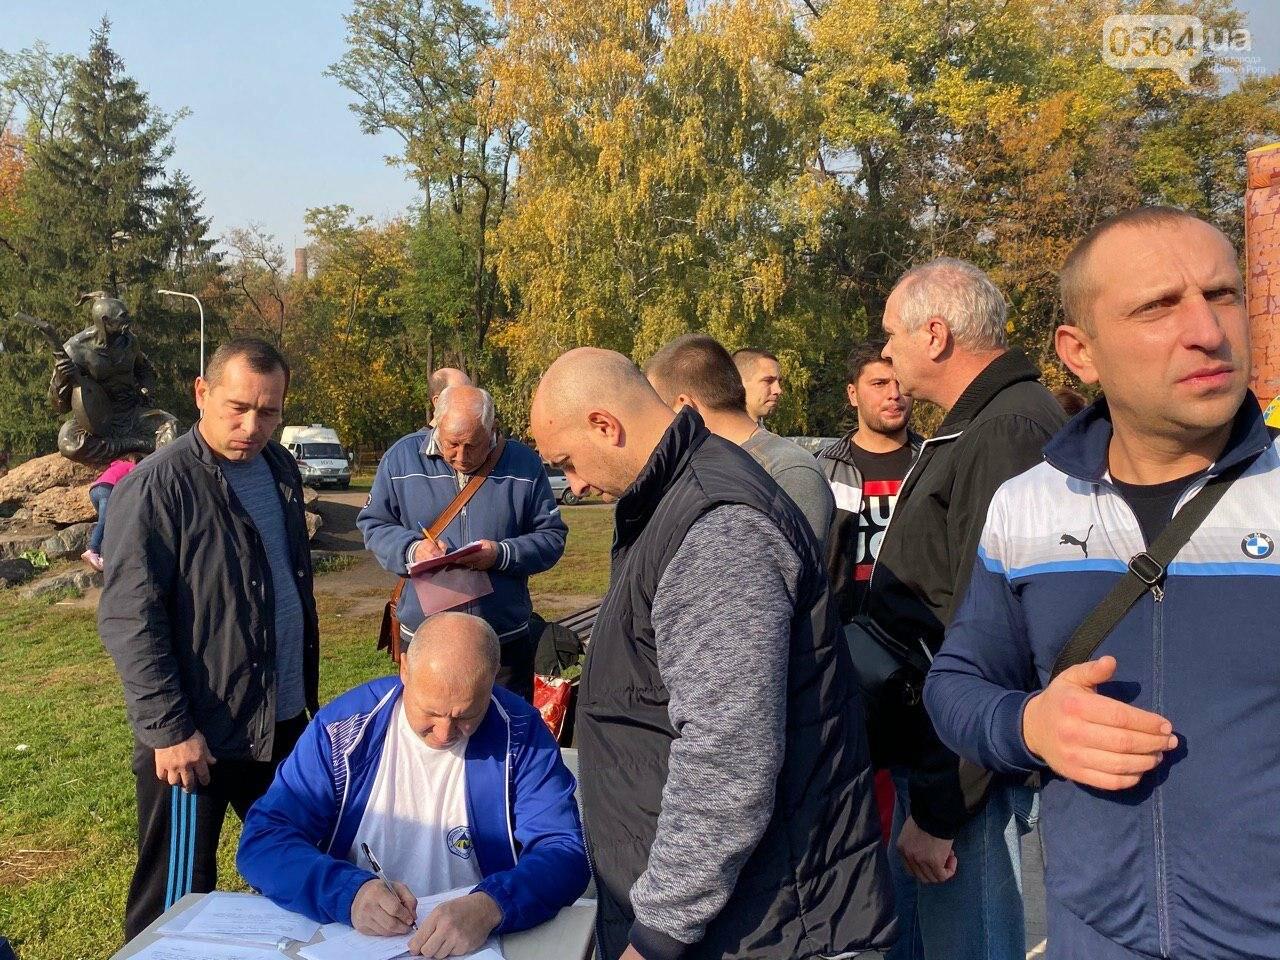 Сильные криворожские мужчины соревновались в поднятии гири, - ФОТО, ВИДЕО , фото-26